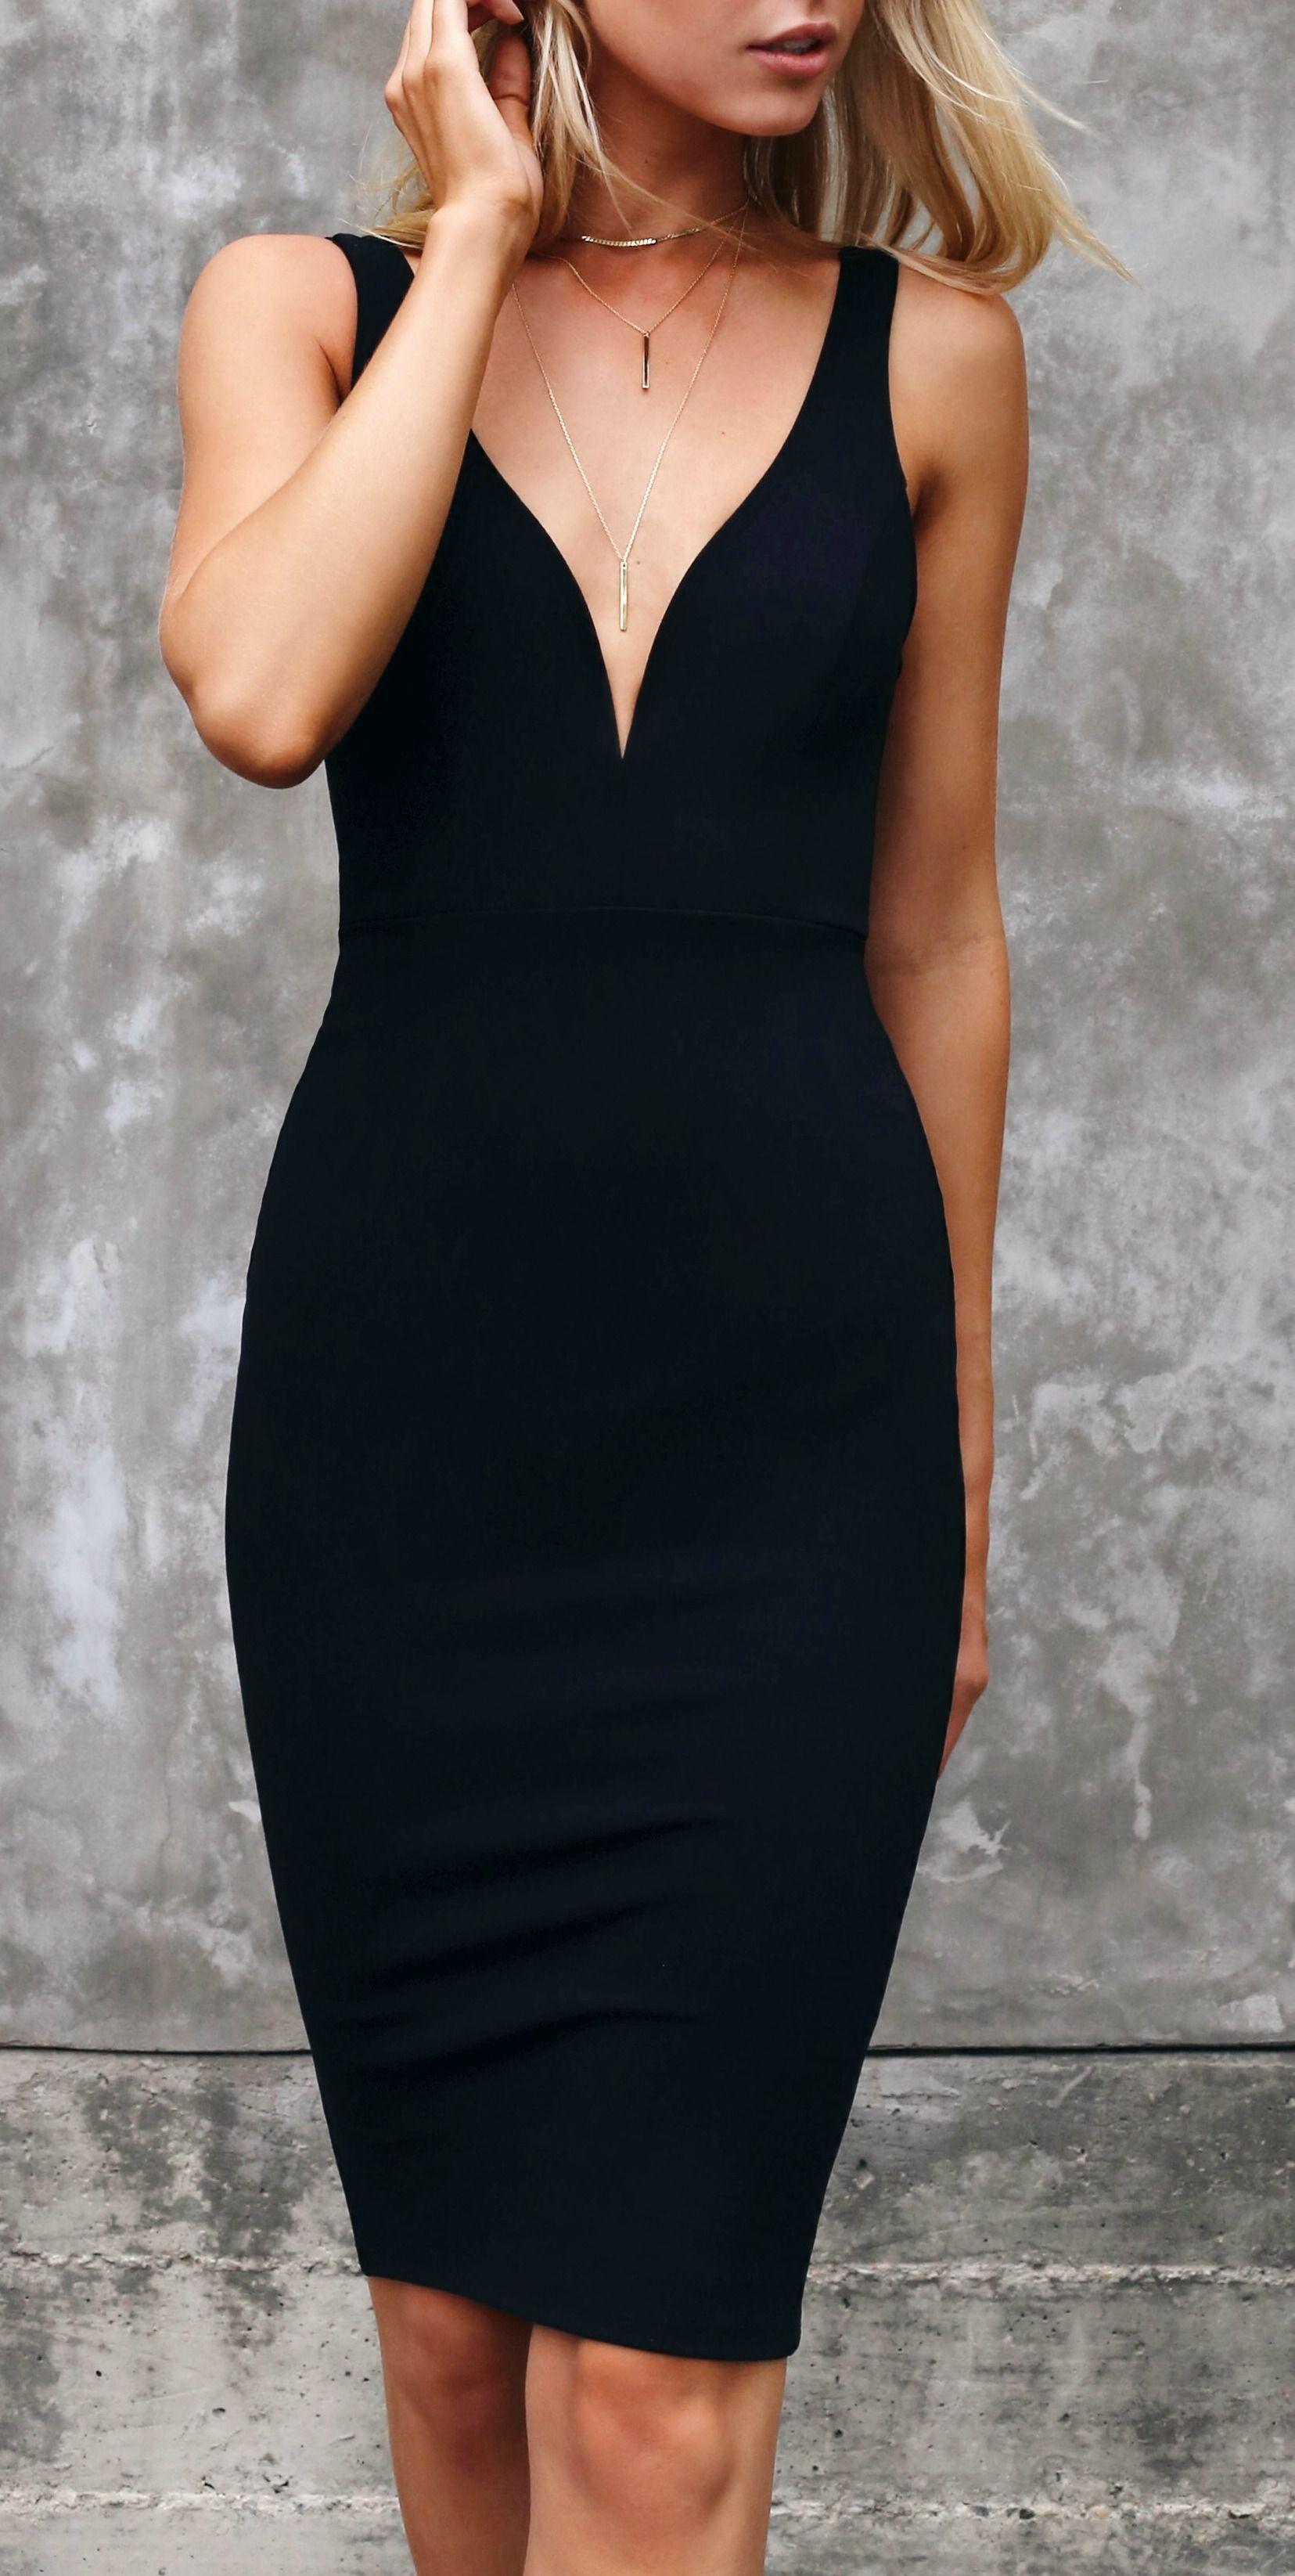 svart klänning till fest